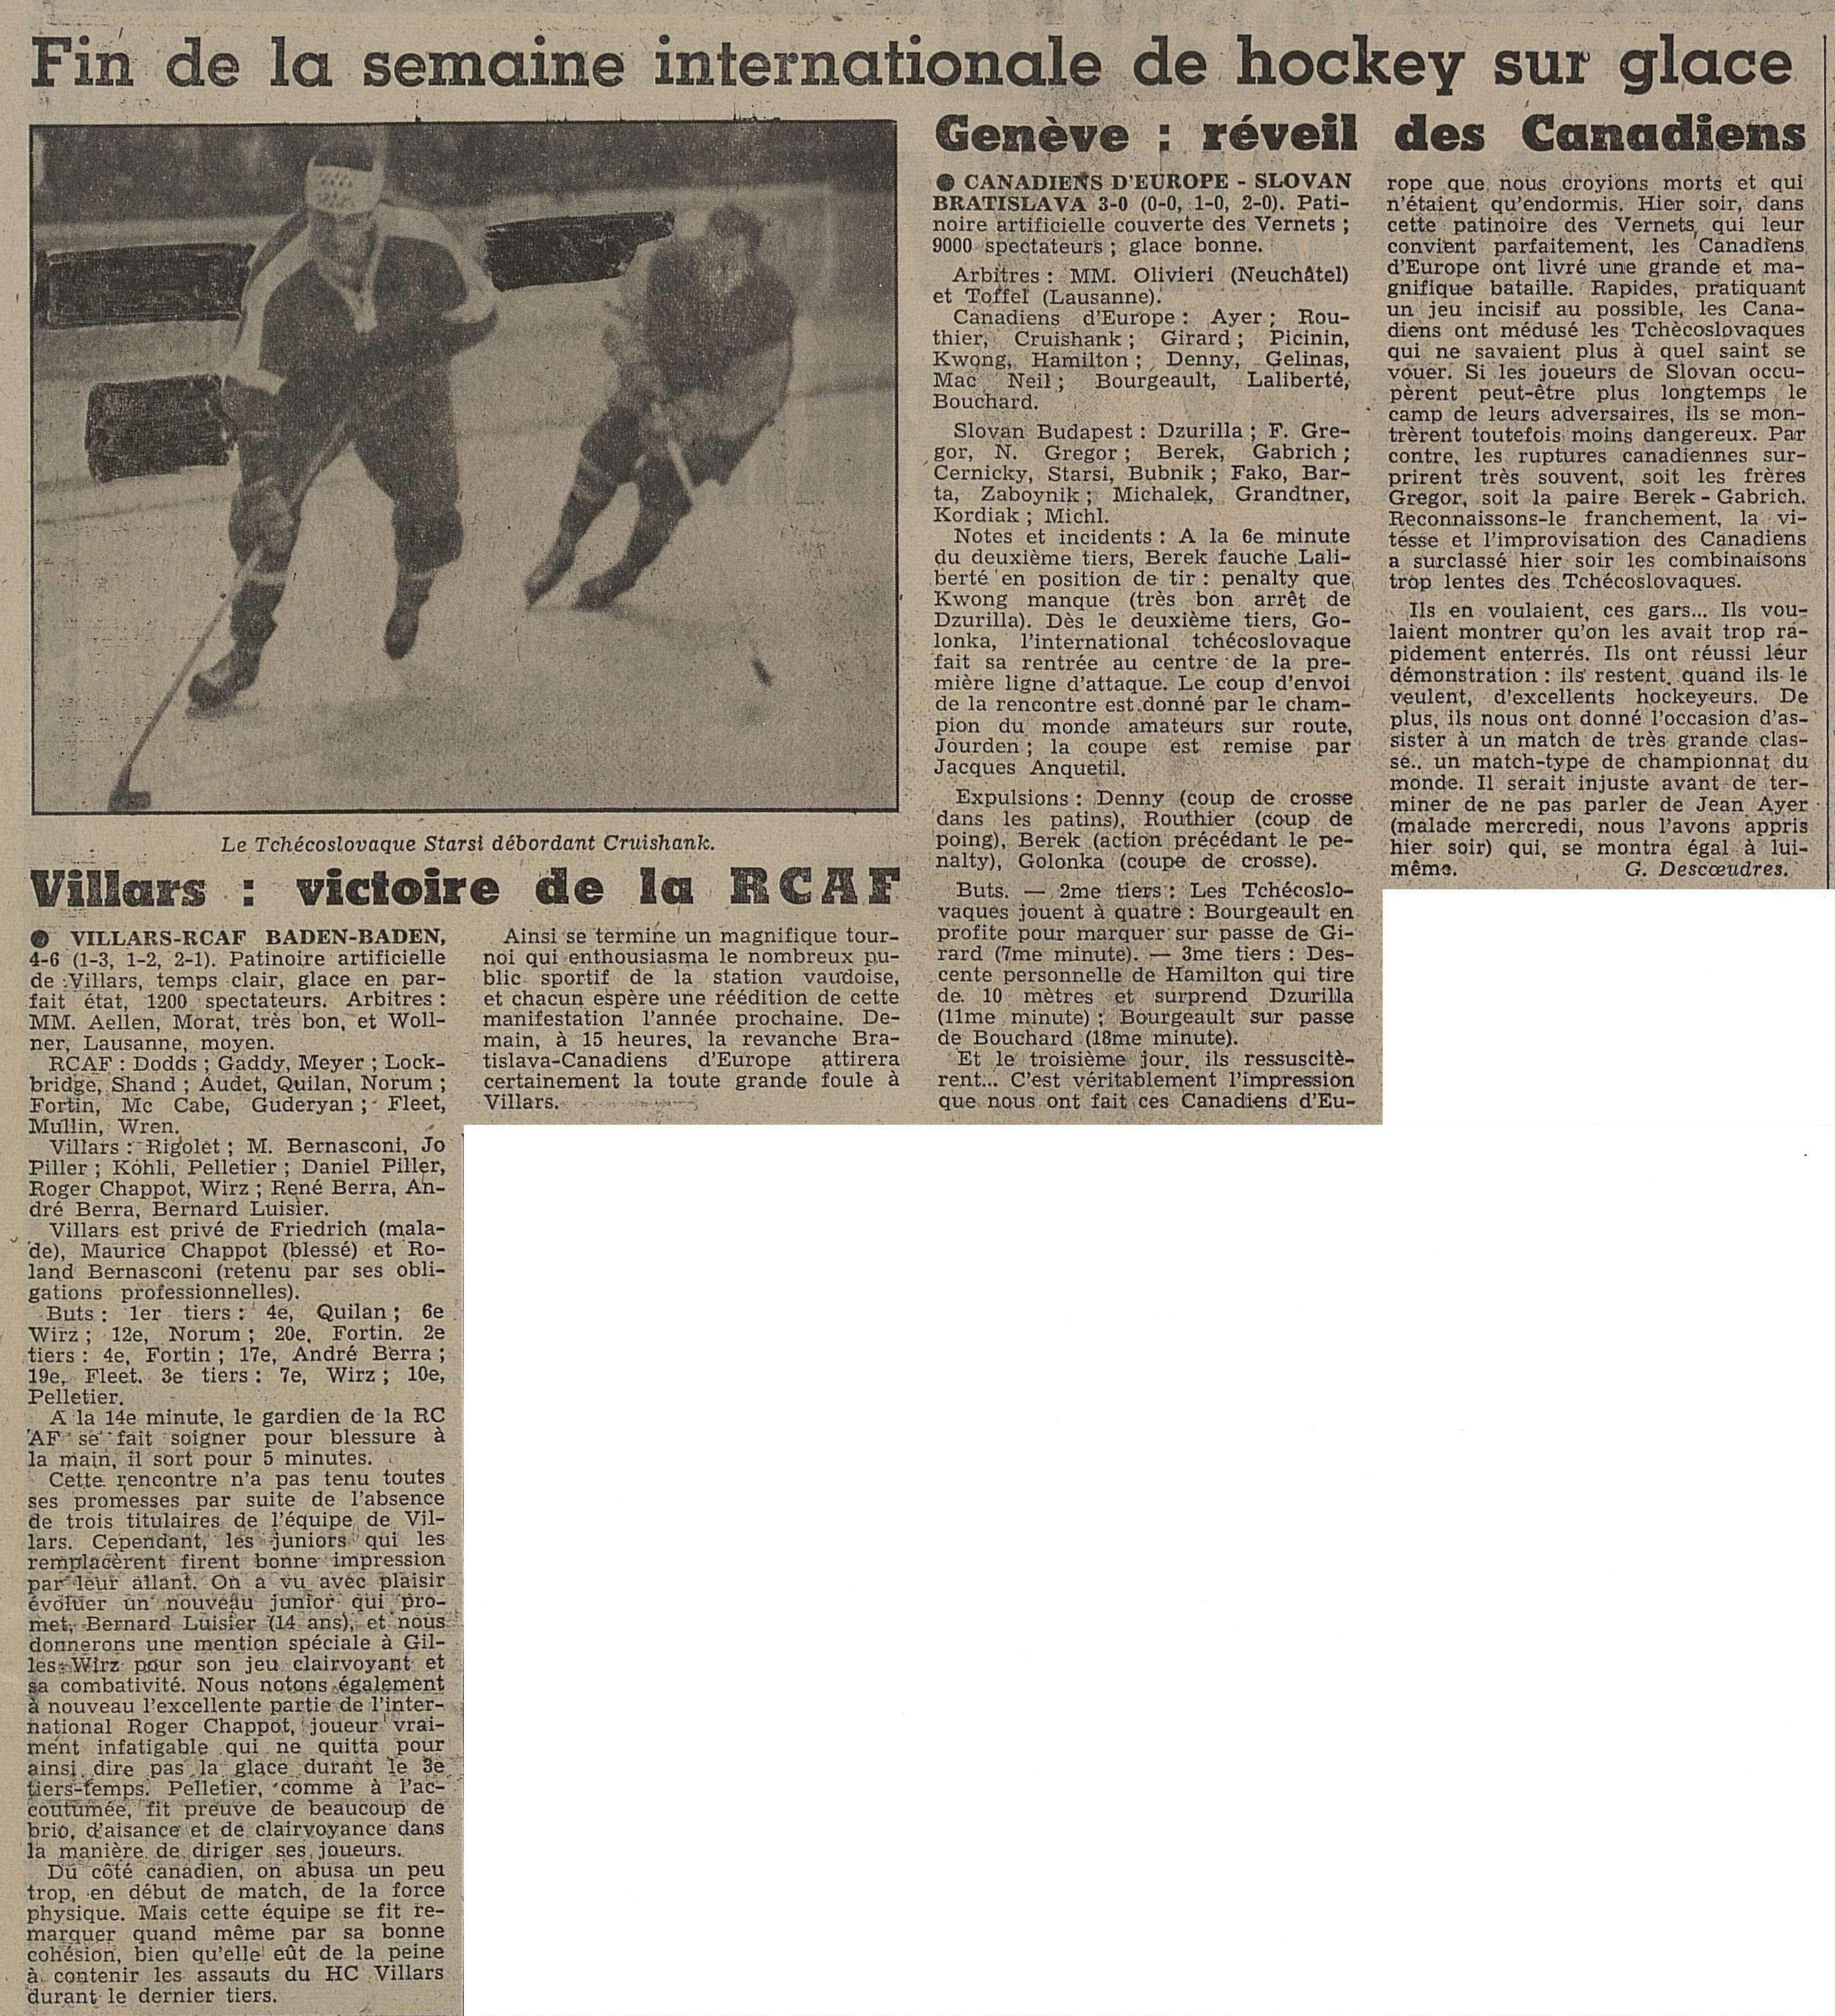 Le Matin - Tribune de Lausanne_19620105_lk39hl.jpg